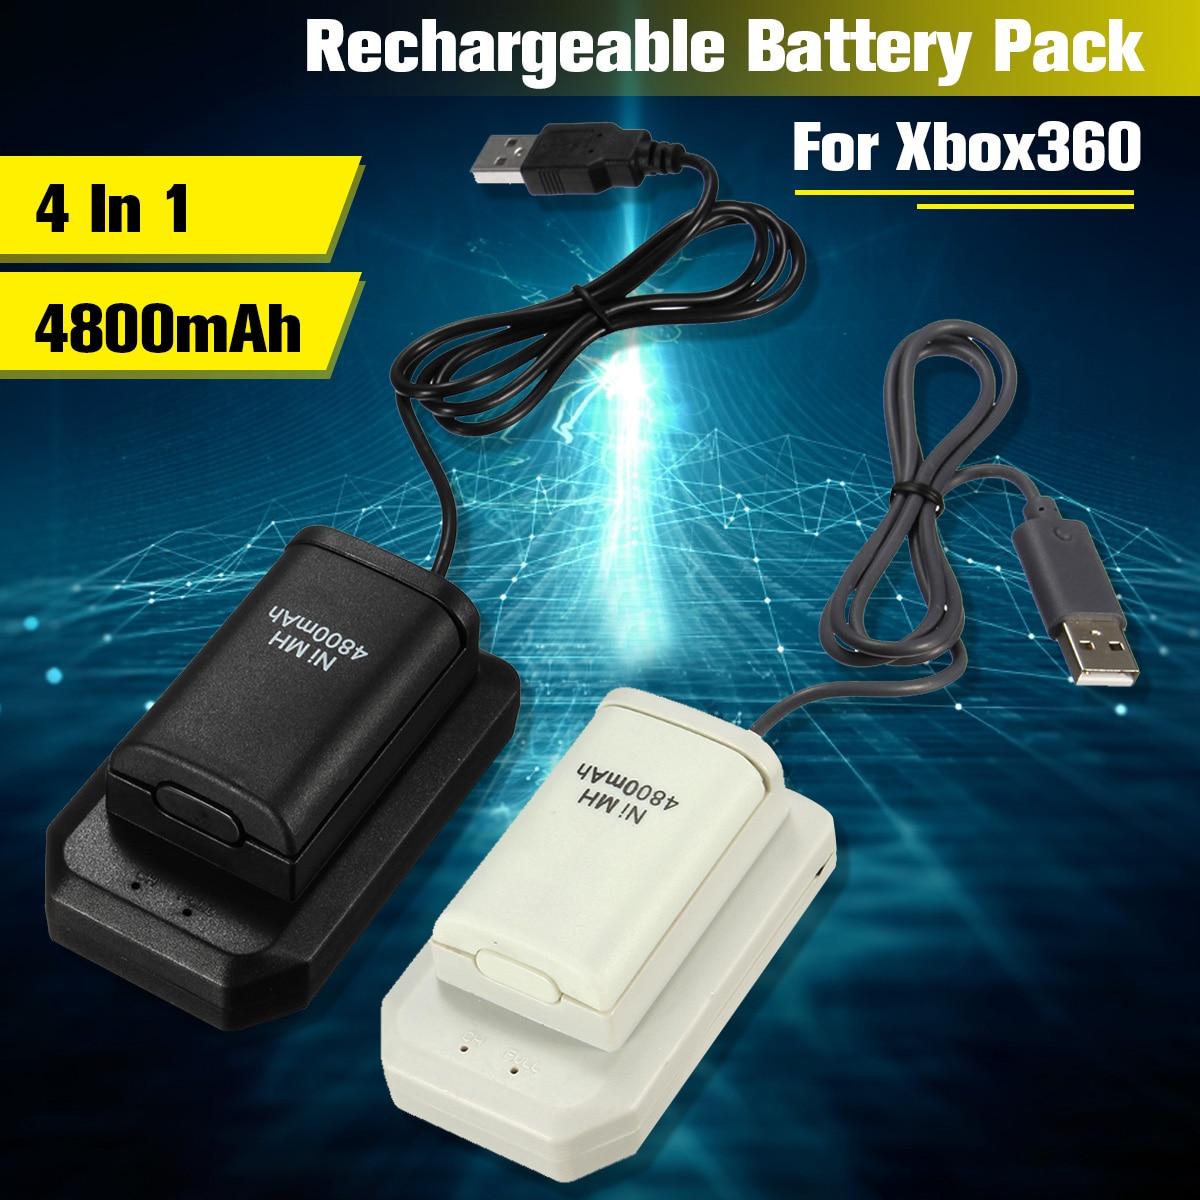 4 en 1 4800 mAh Paquete de batería recargable baterías + cargador + Cable Usb Kit de carga para Xbox 360 batería controlador inalámbrico